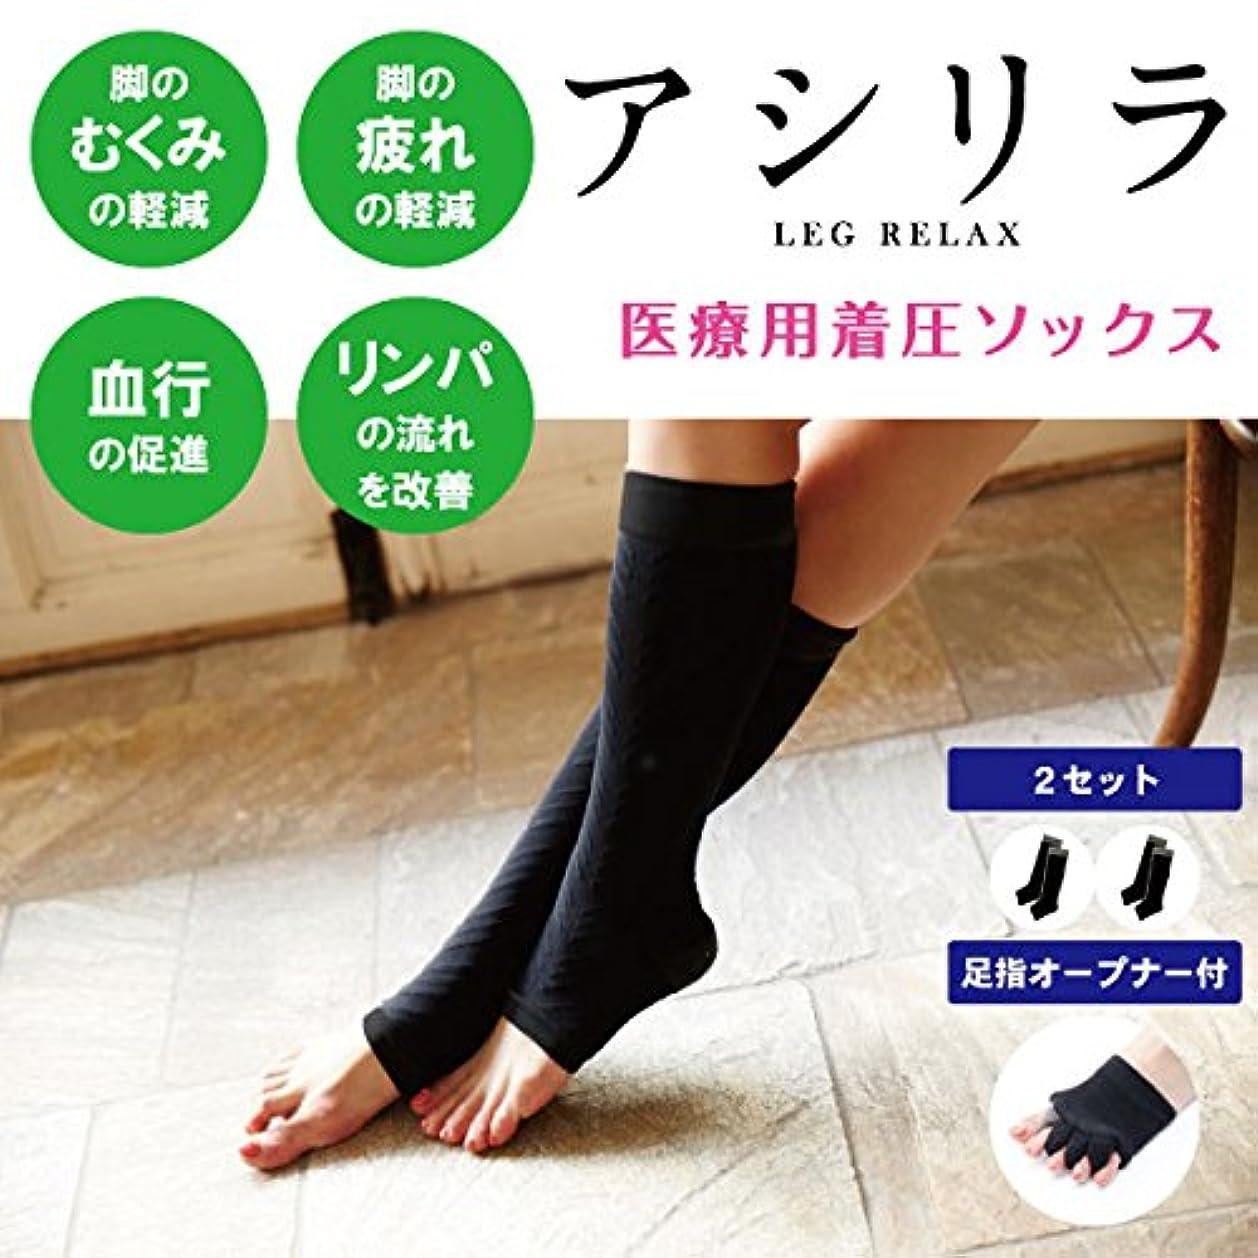 低い立場パイルスリムトビラ    アシリラ (あしりら) ストッキング 足指 オープナー付 ?2足セット    医療用 着圧ソックス サイズ:2種 (M-L/2足)